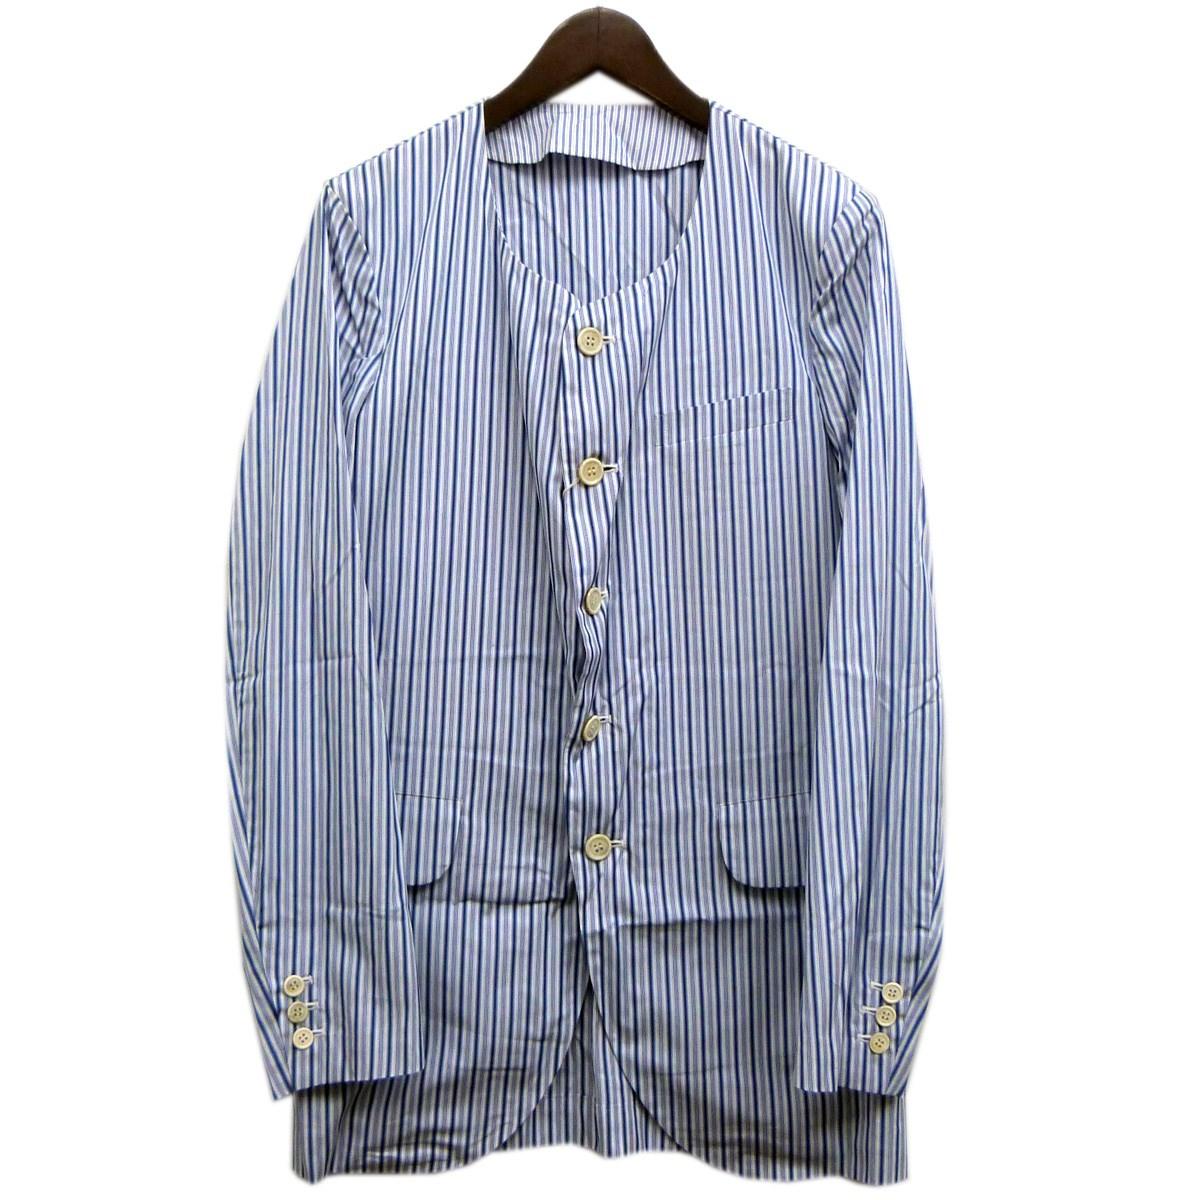 【中古】COMME des GARCONS HOMME PLUS17SS ノーカラーストライプシャツジャケット ブルー×ホワイト サイズ:S 【4月23日見直し】